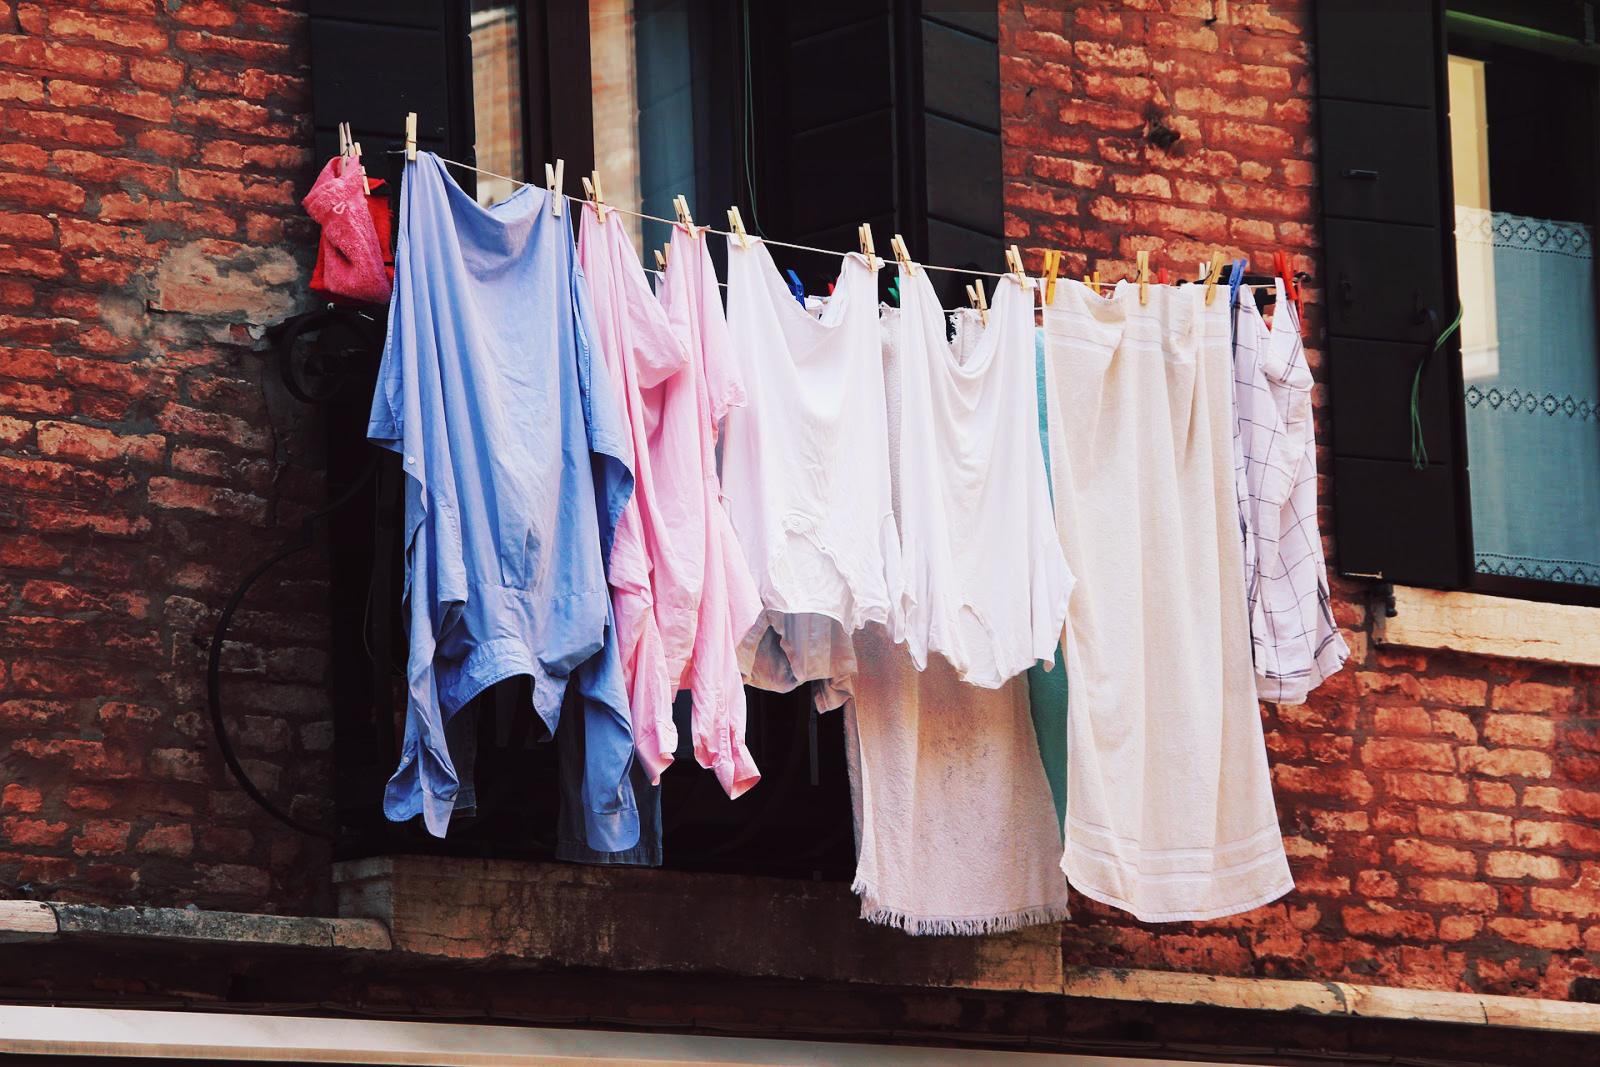 Wäsche an der Wäscheleine